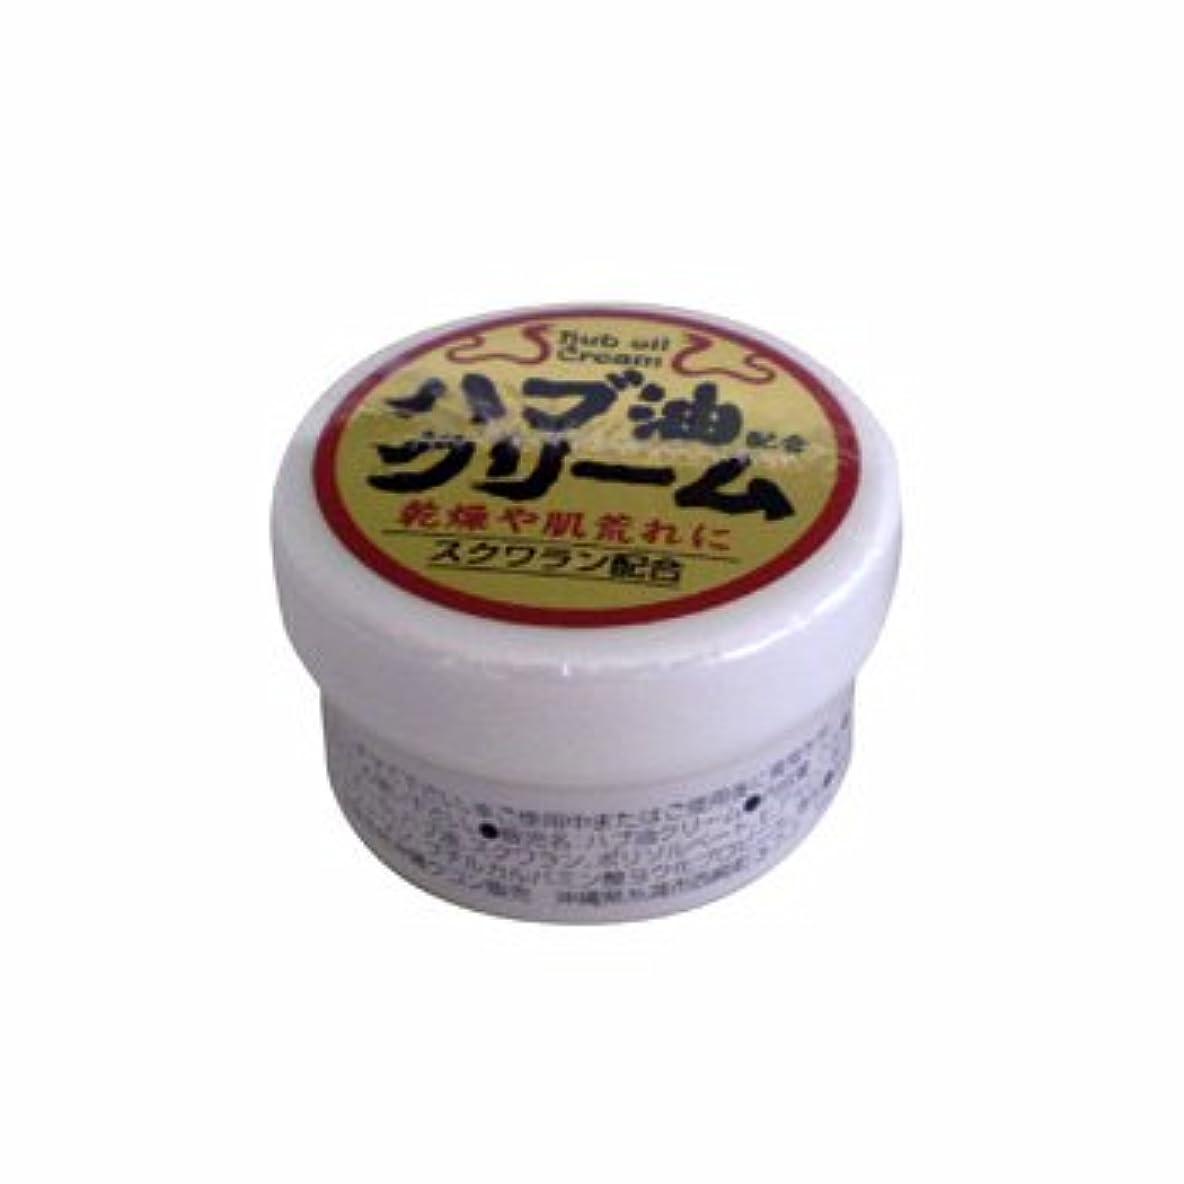 地上で粒子このハブ油配合クリーム 1個【1個?20g】